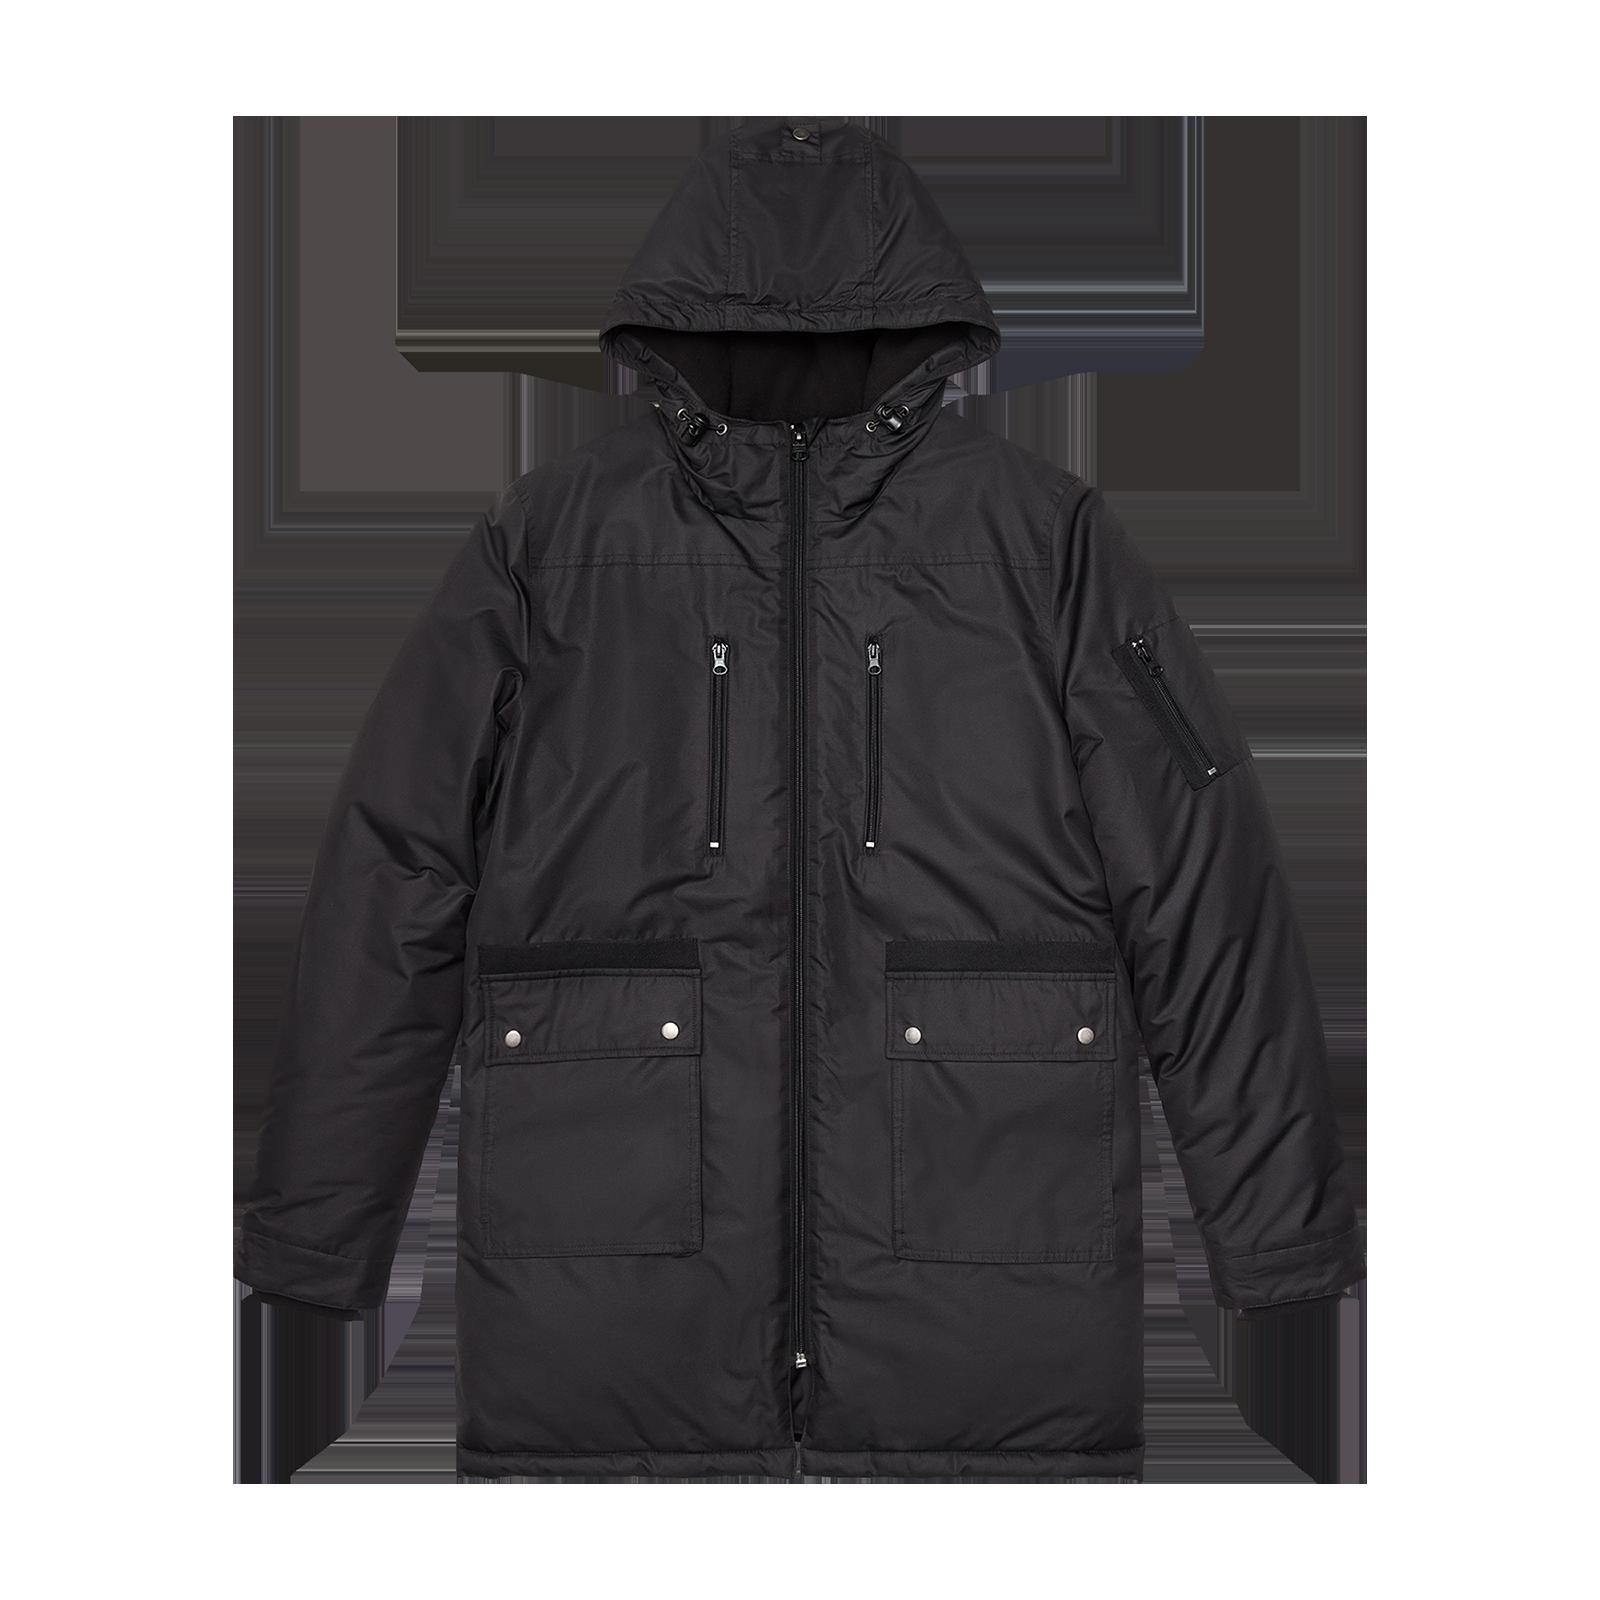 Black coat product photo